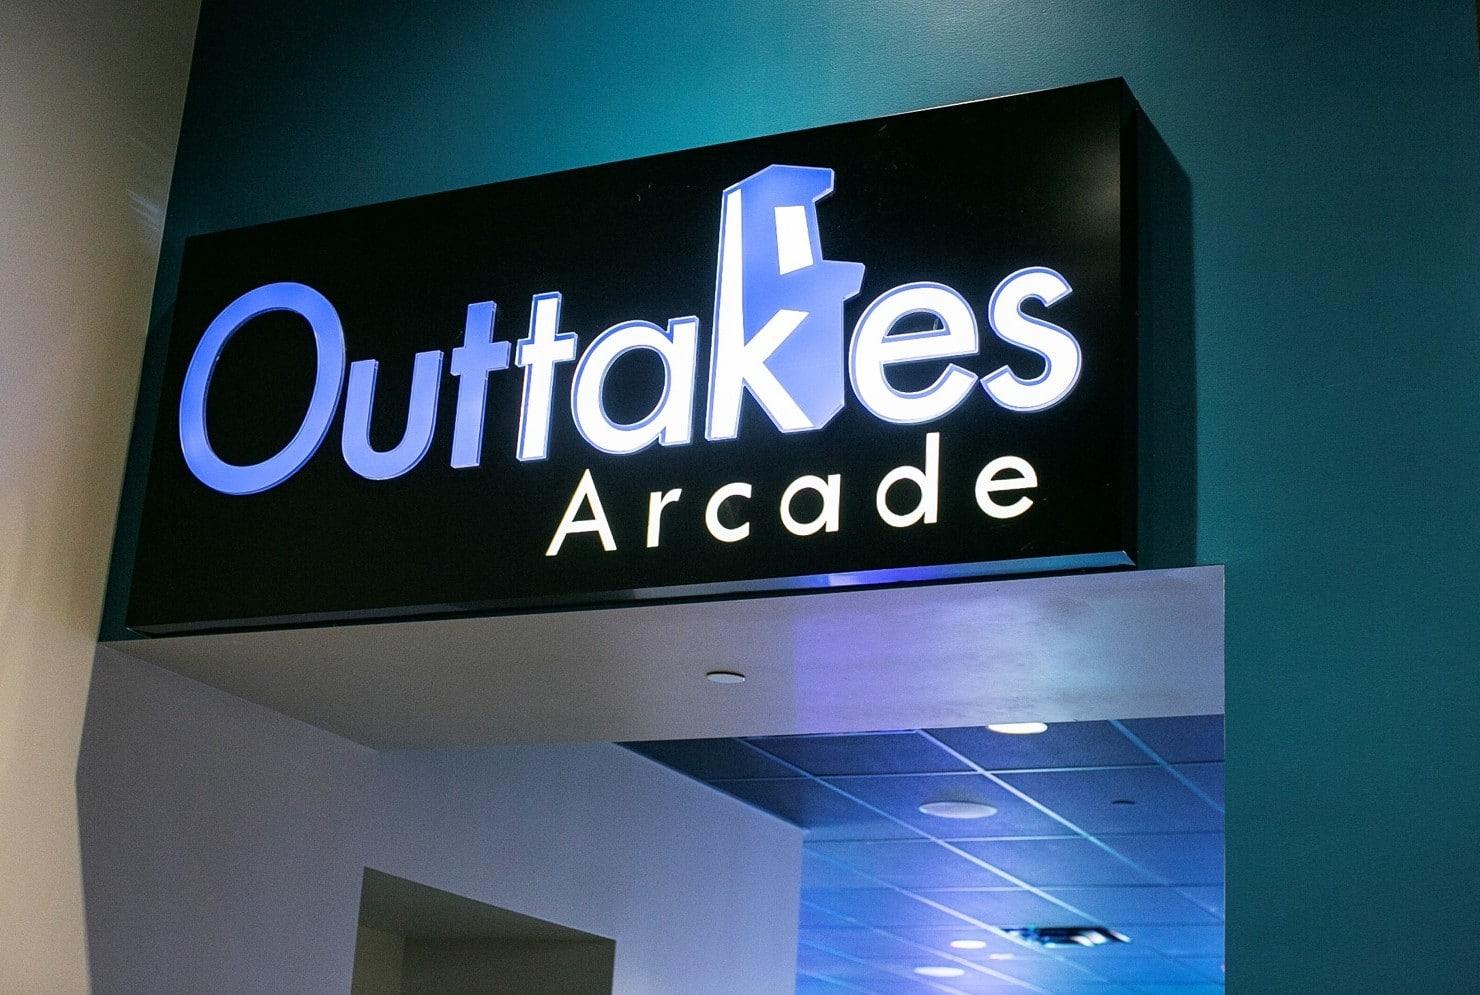 Outtakes Arcade crop